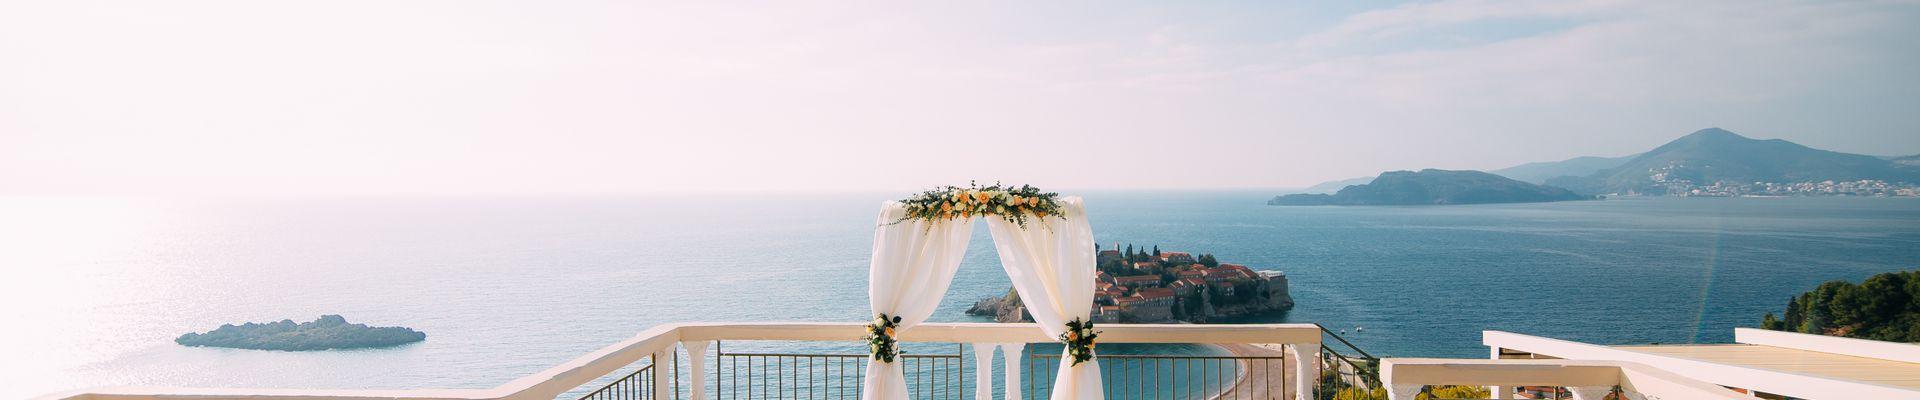 Hochzeitslocation, Heiraten im Freien, Freiluftocation, wedding location, Heiratslocation